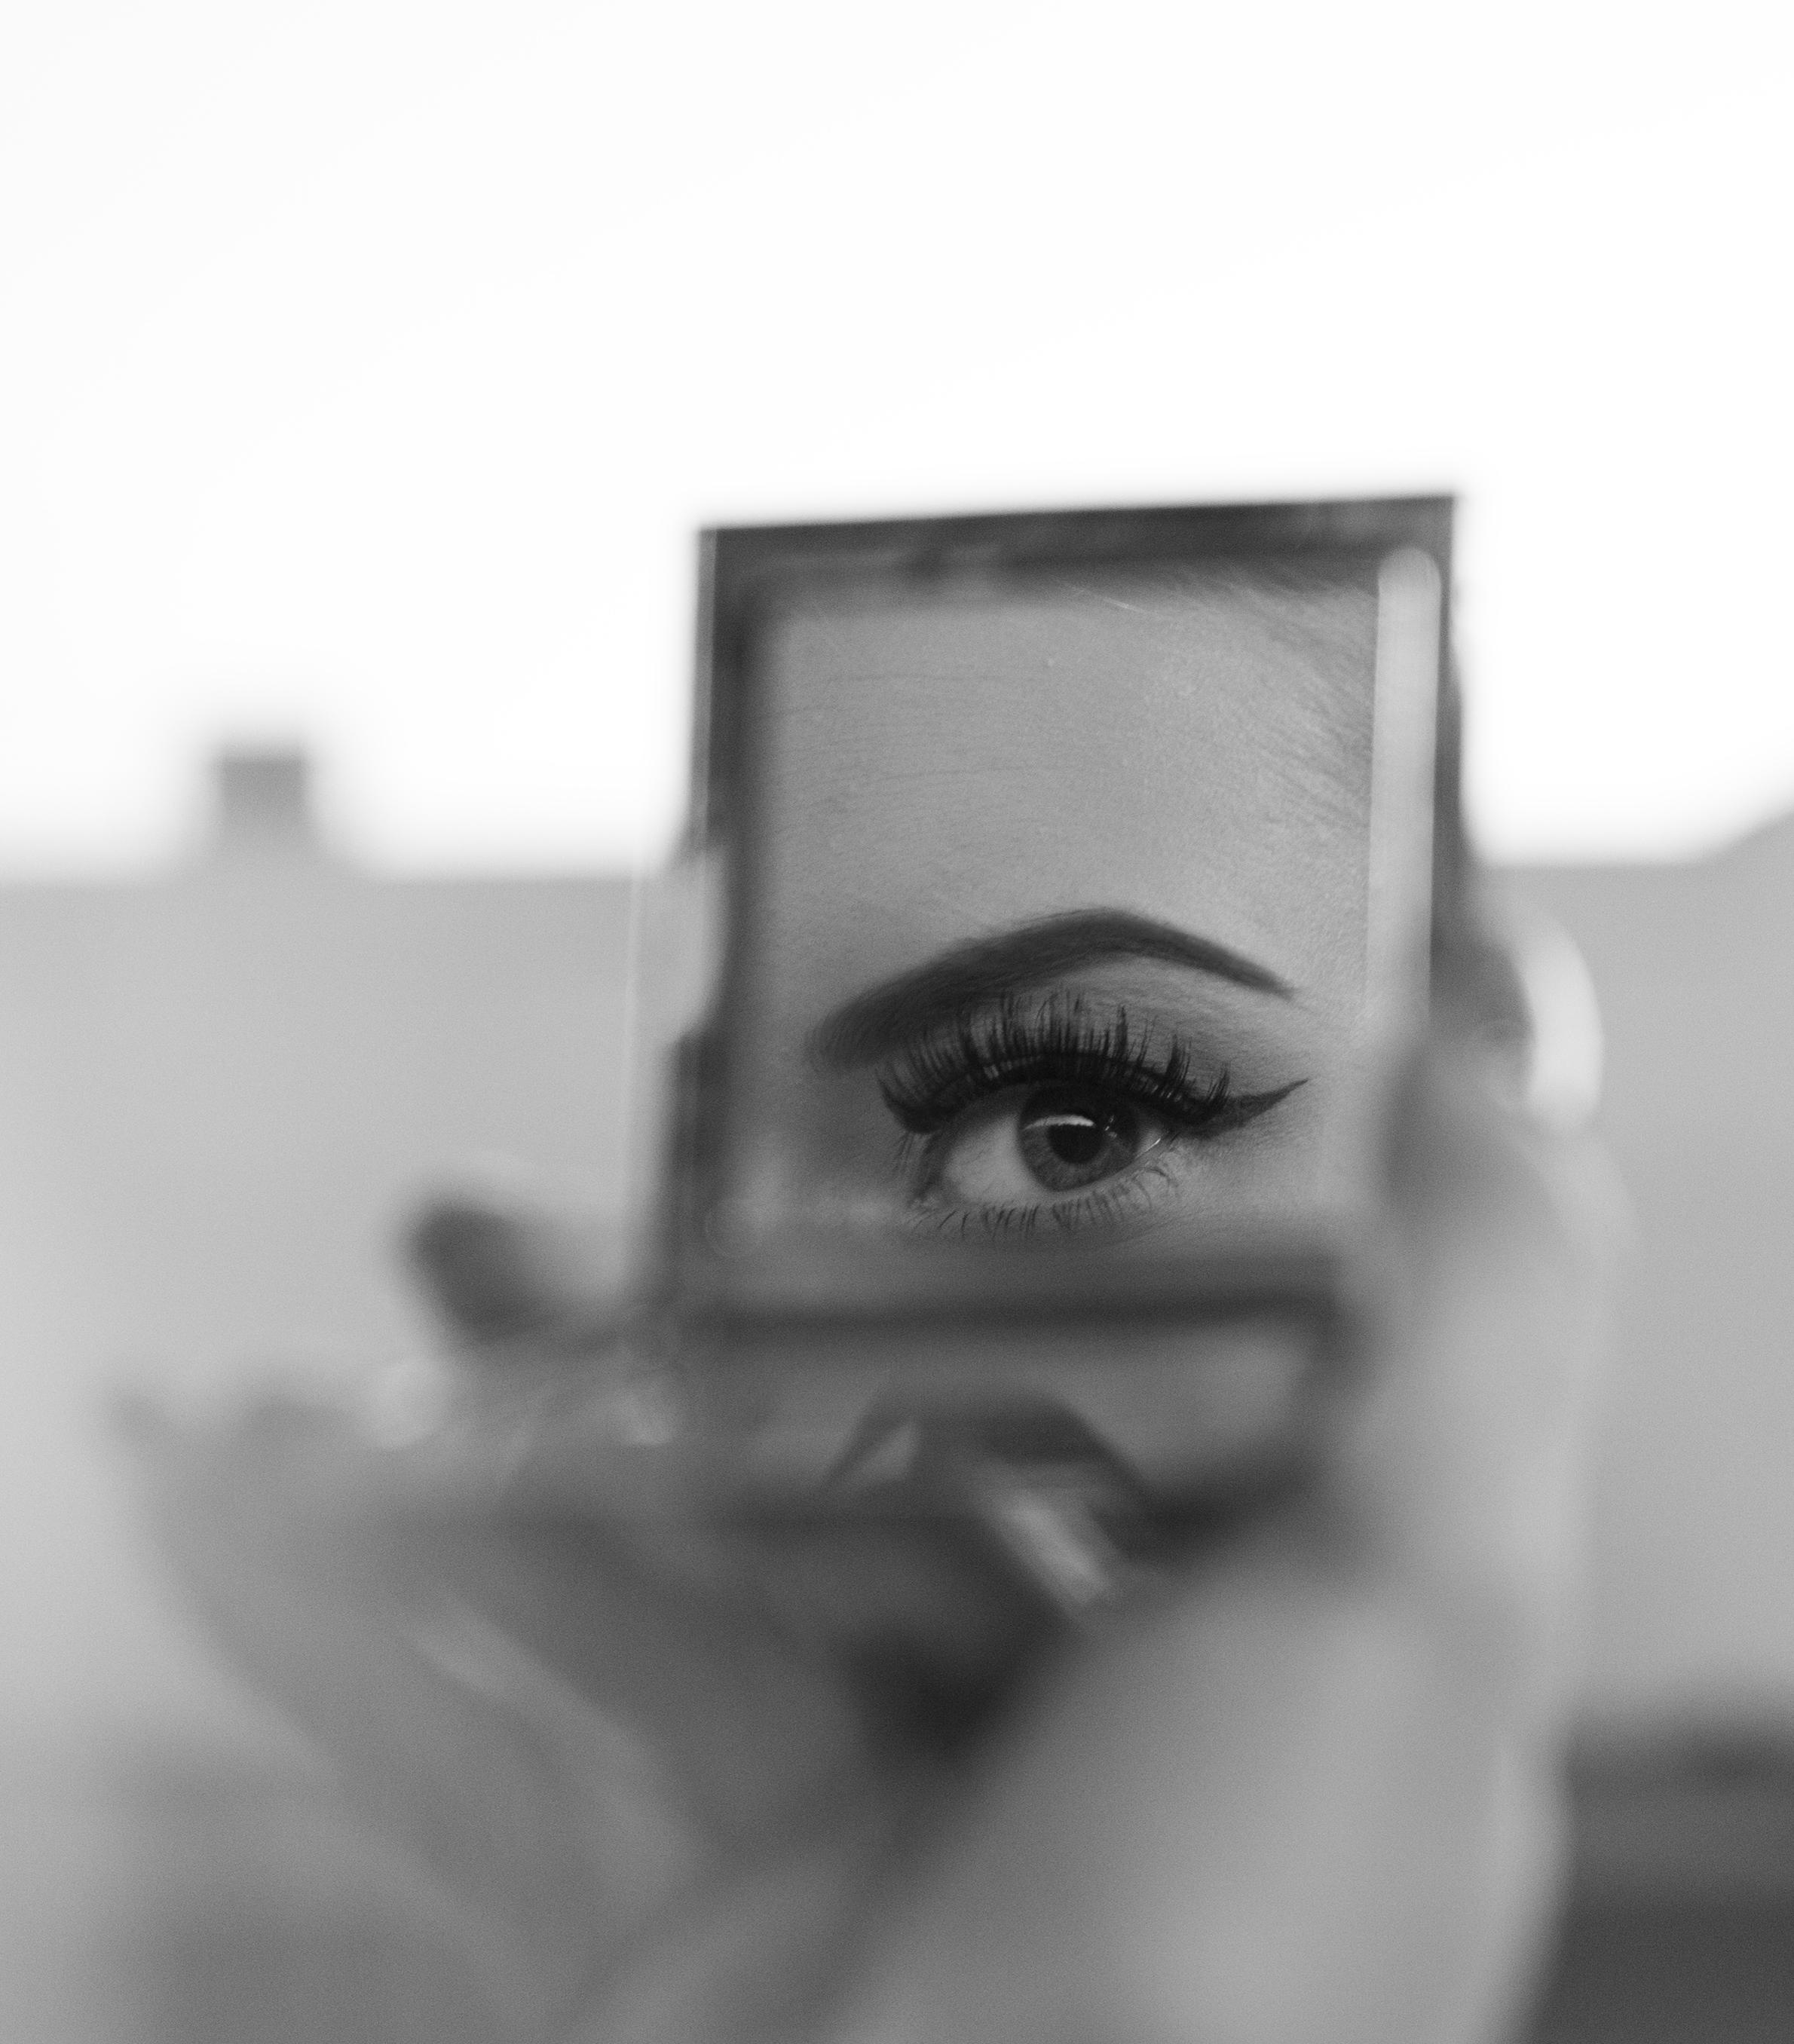 12 _ Eye contact.jpg